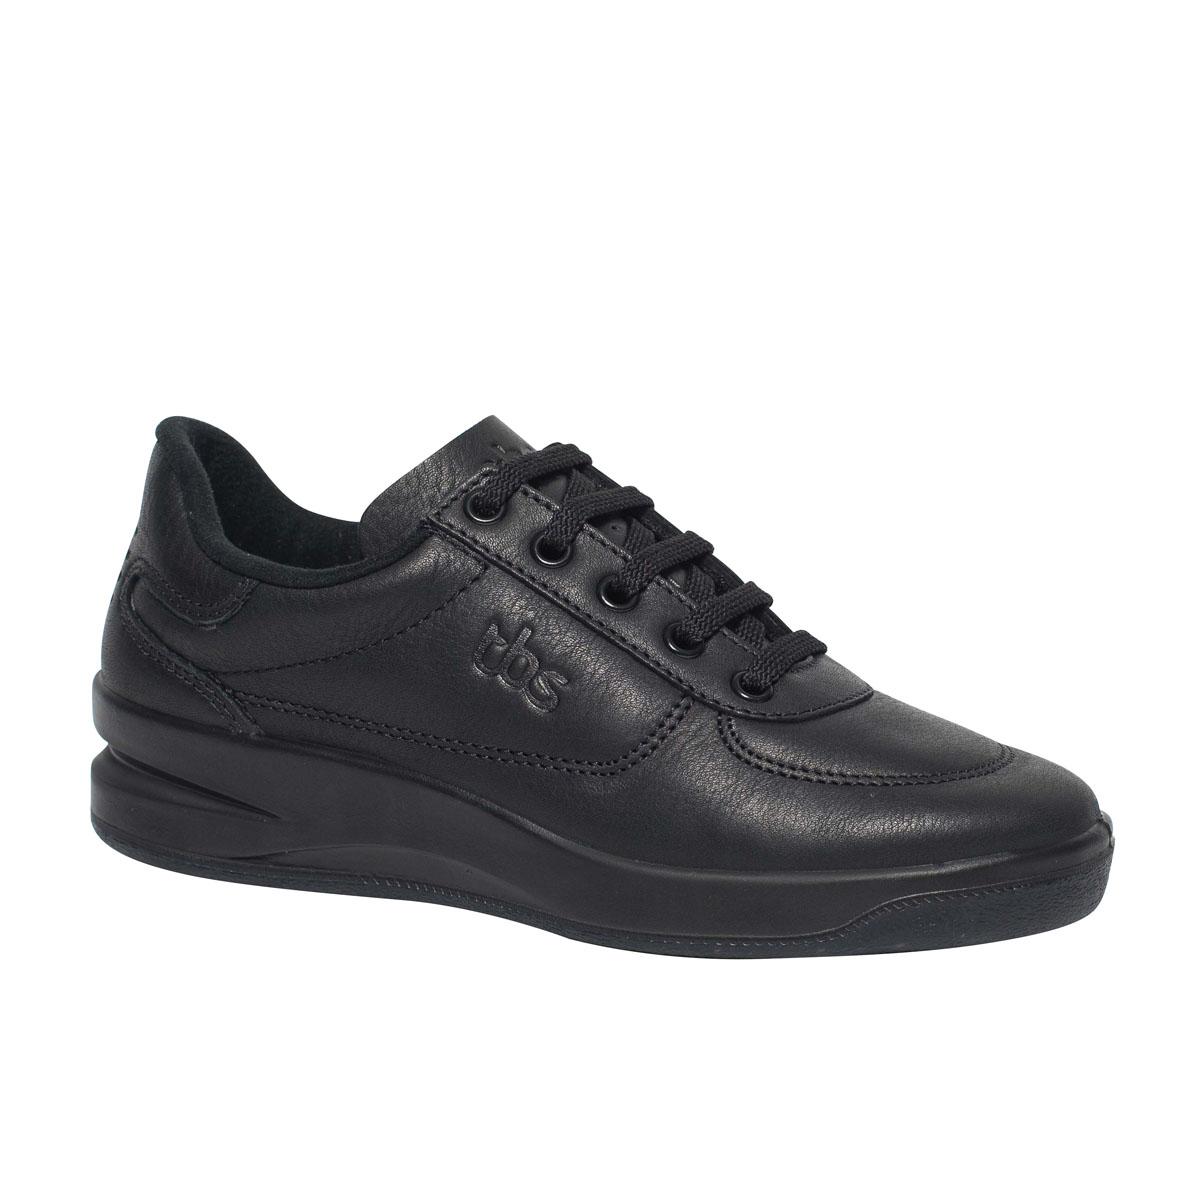 КроссовкиBRANDY-B7A04Мега удобные ботинки из натуральной кожи, класса-комфорт. Модель на шнуровке.